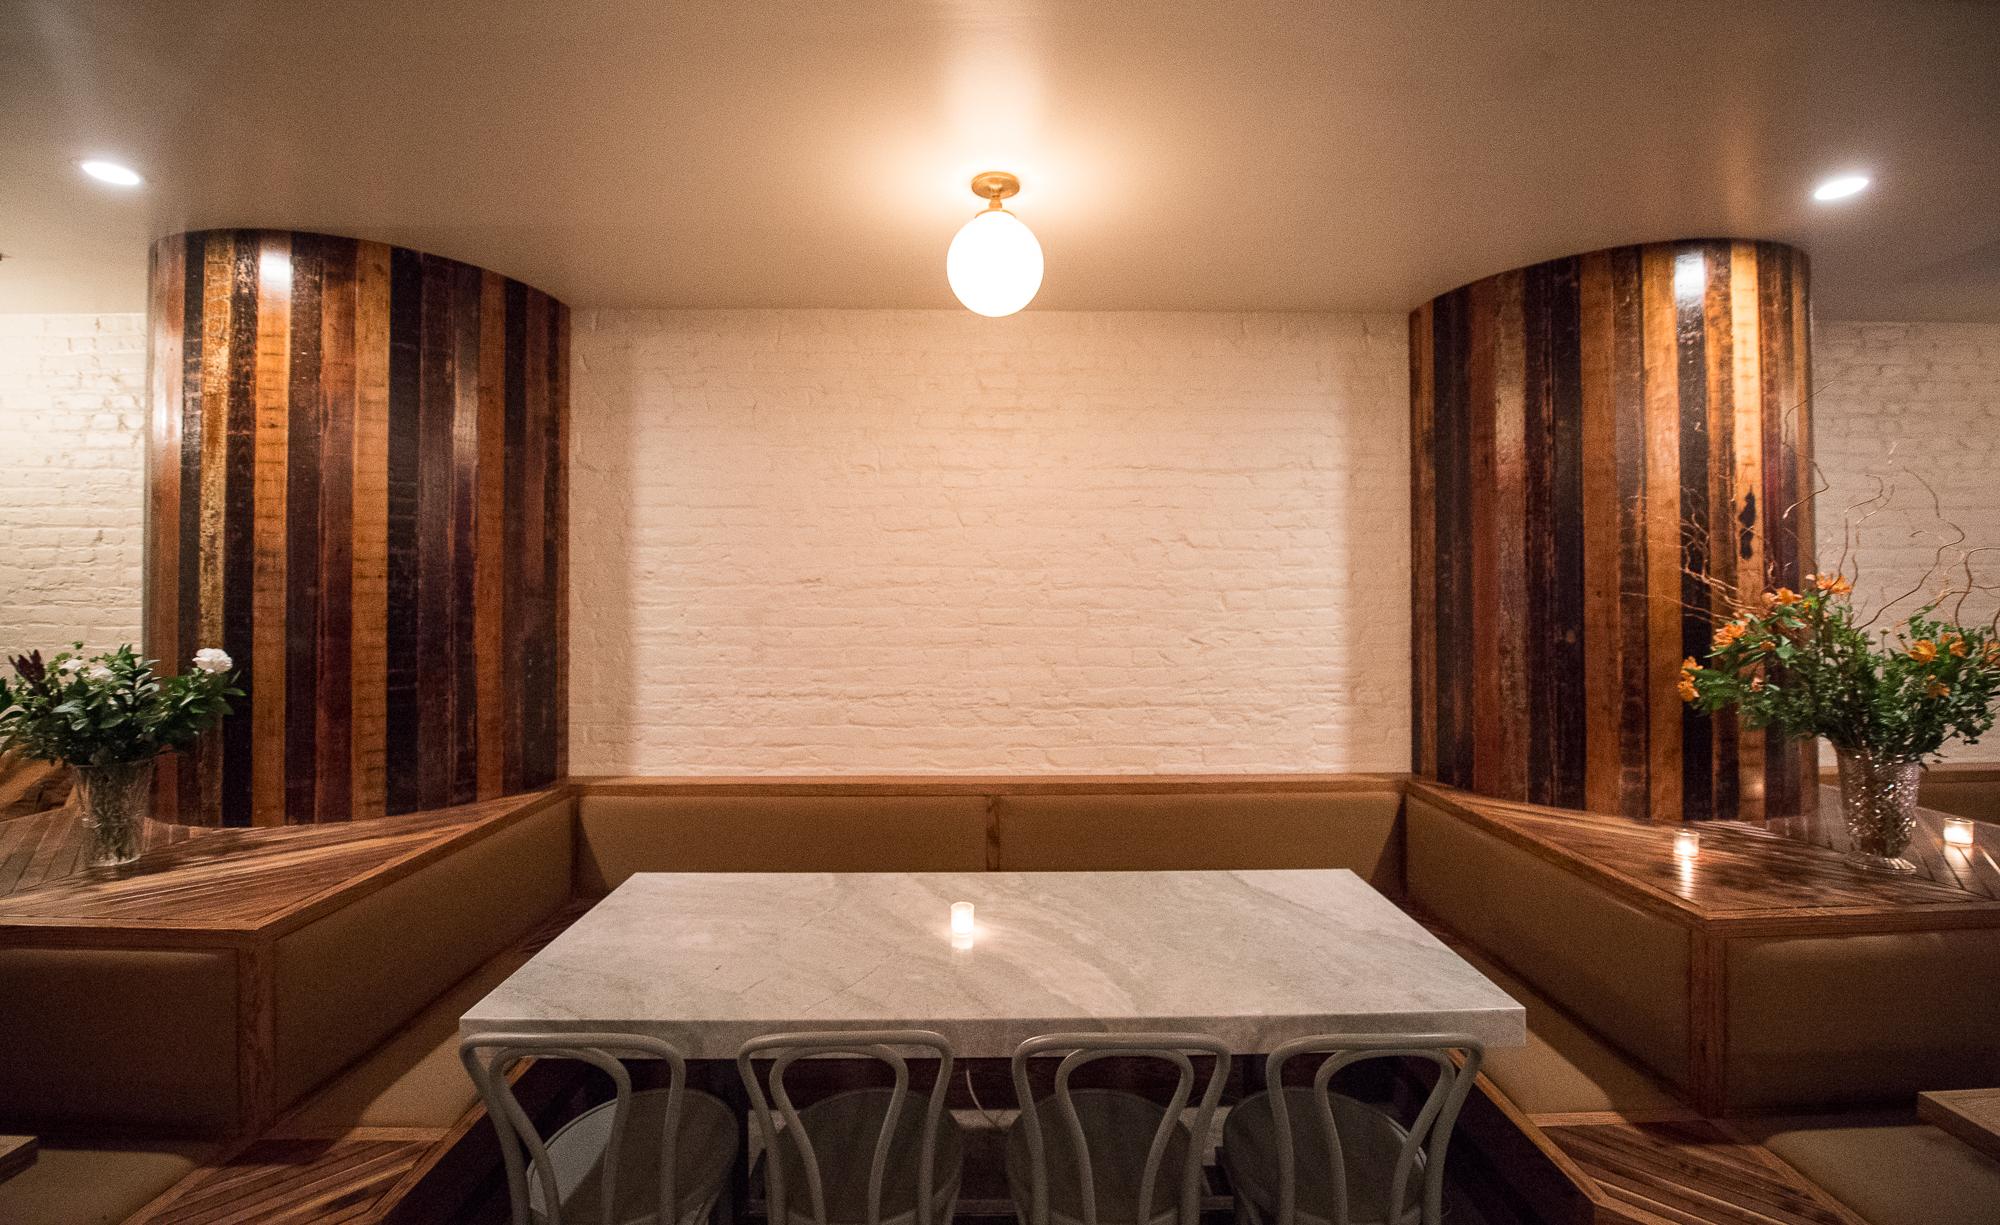 Upper East Side New York Restaurants - Eater NY